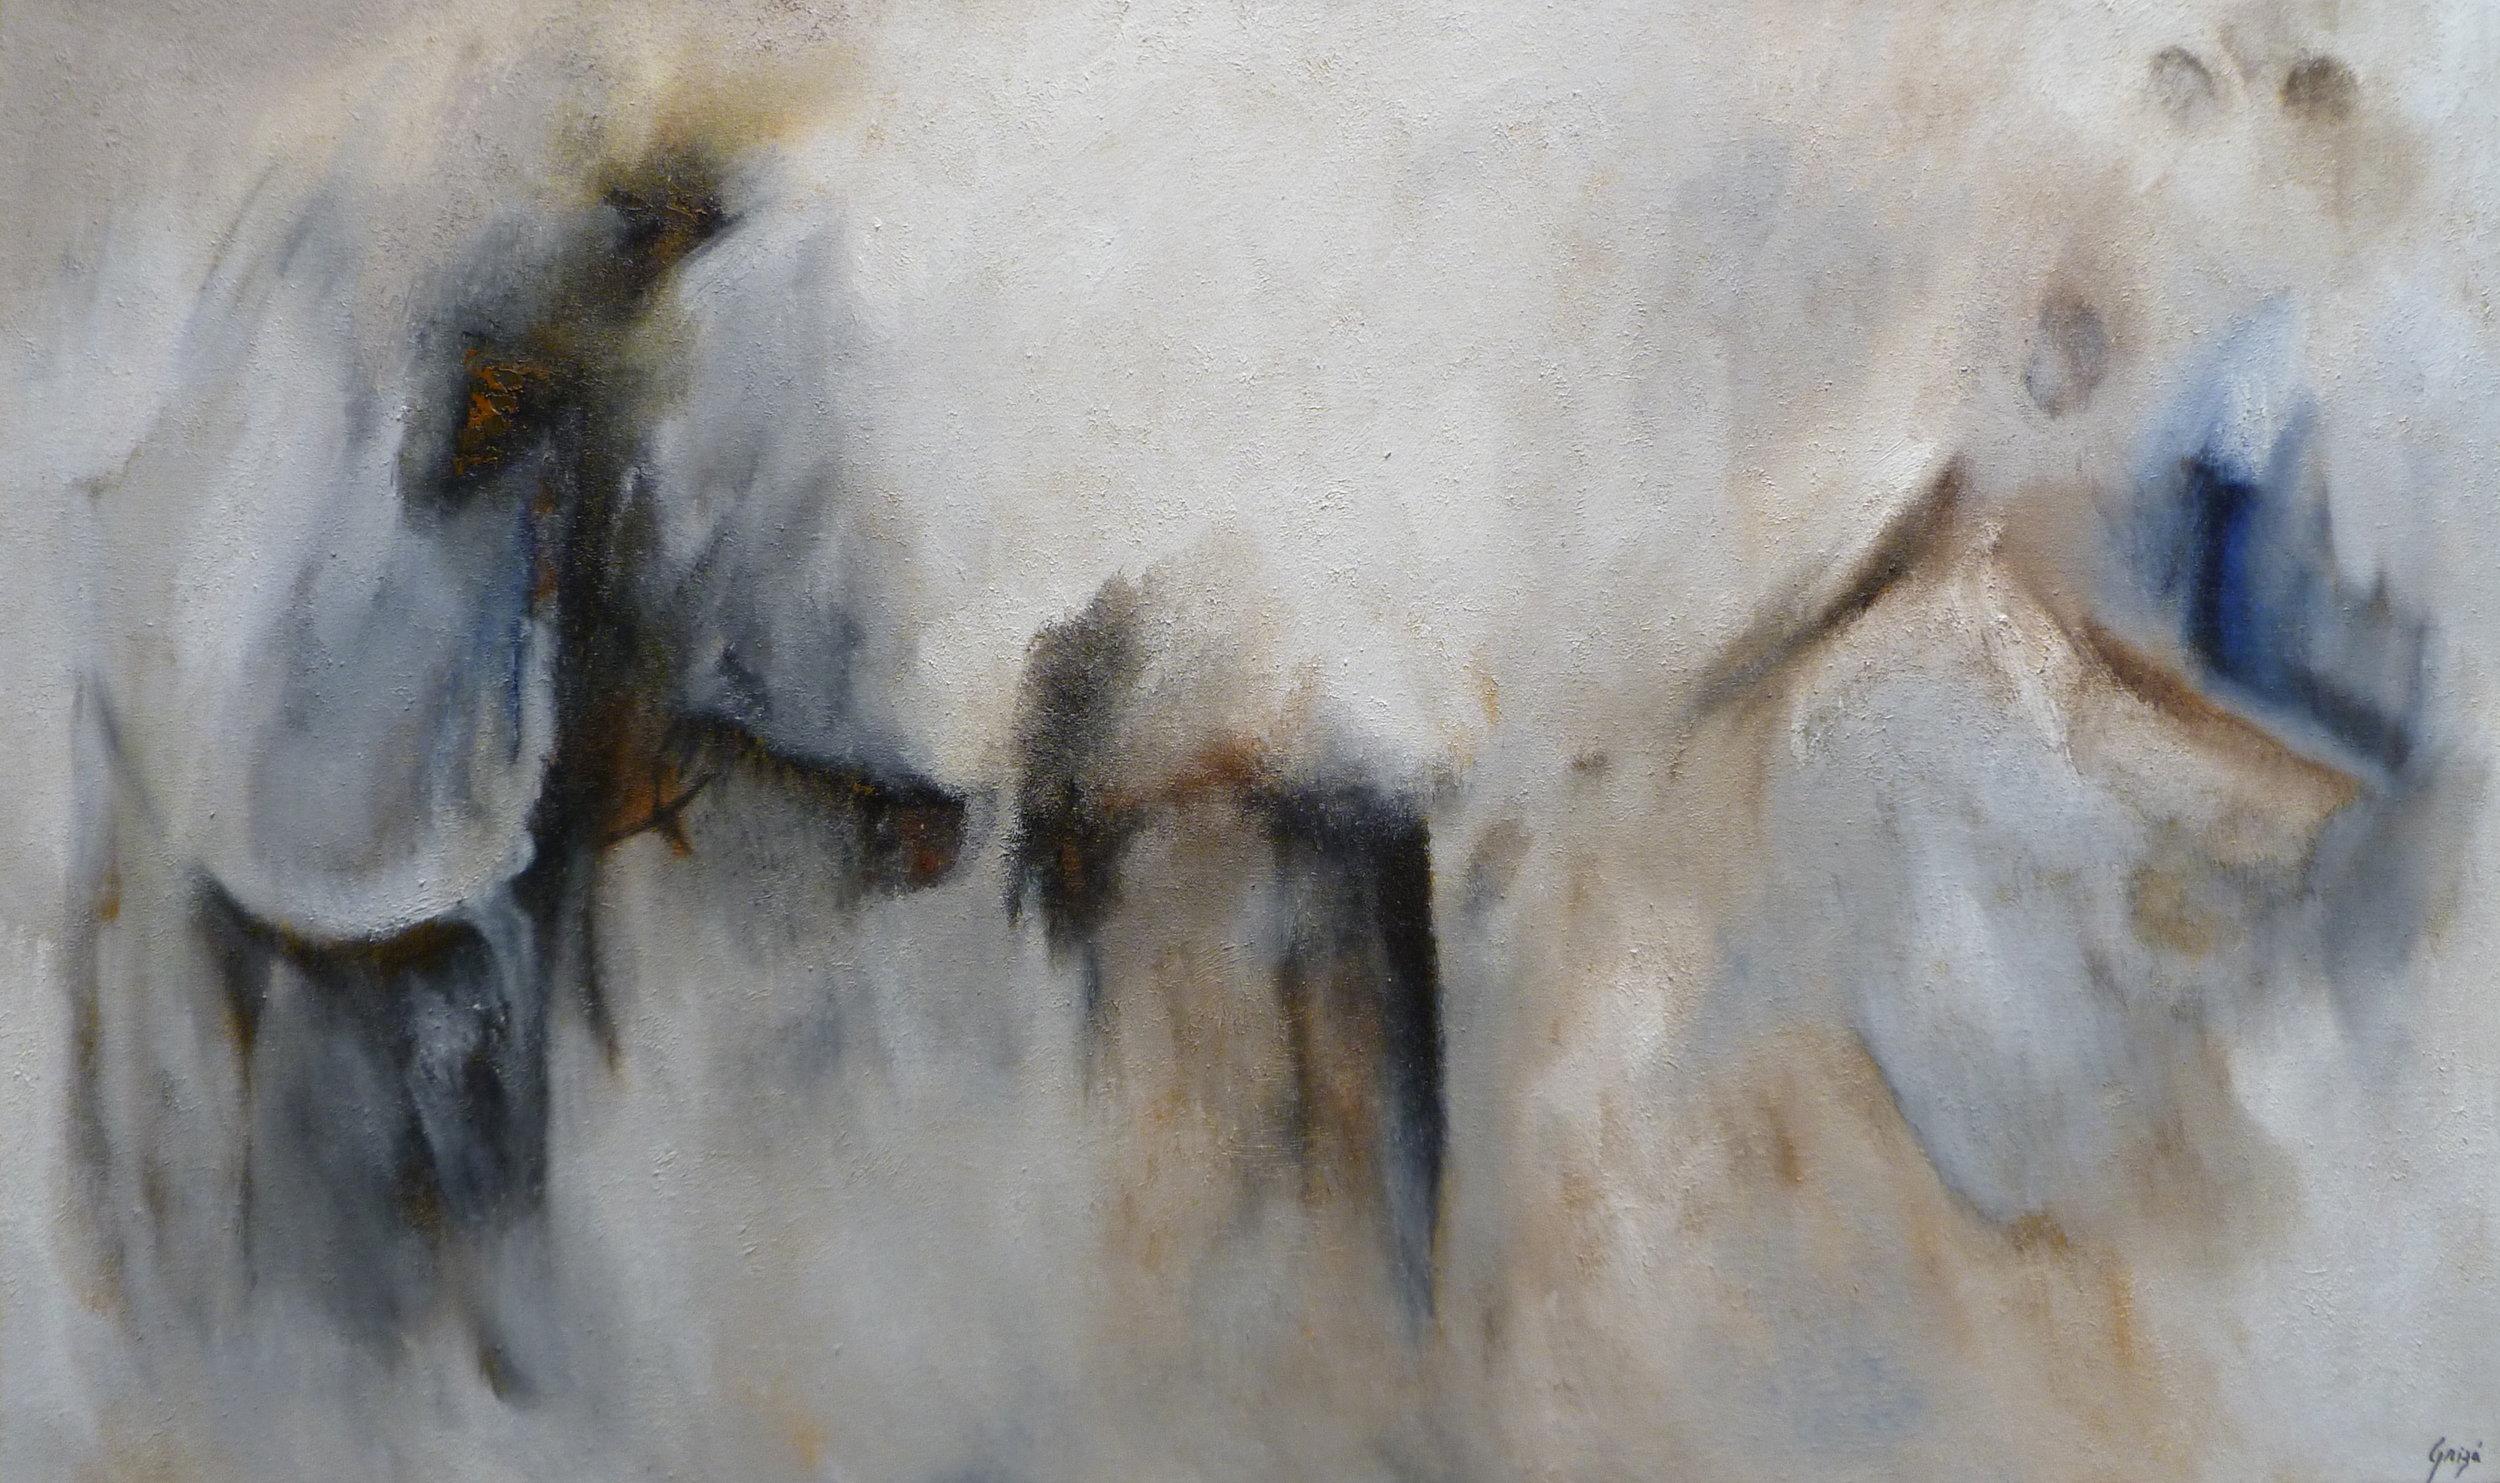 05 En enero 76 x 126 cm 2011 copy.JPG